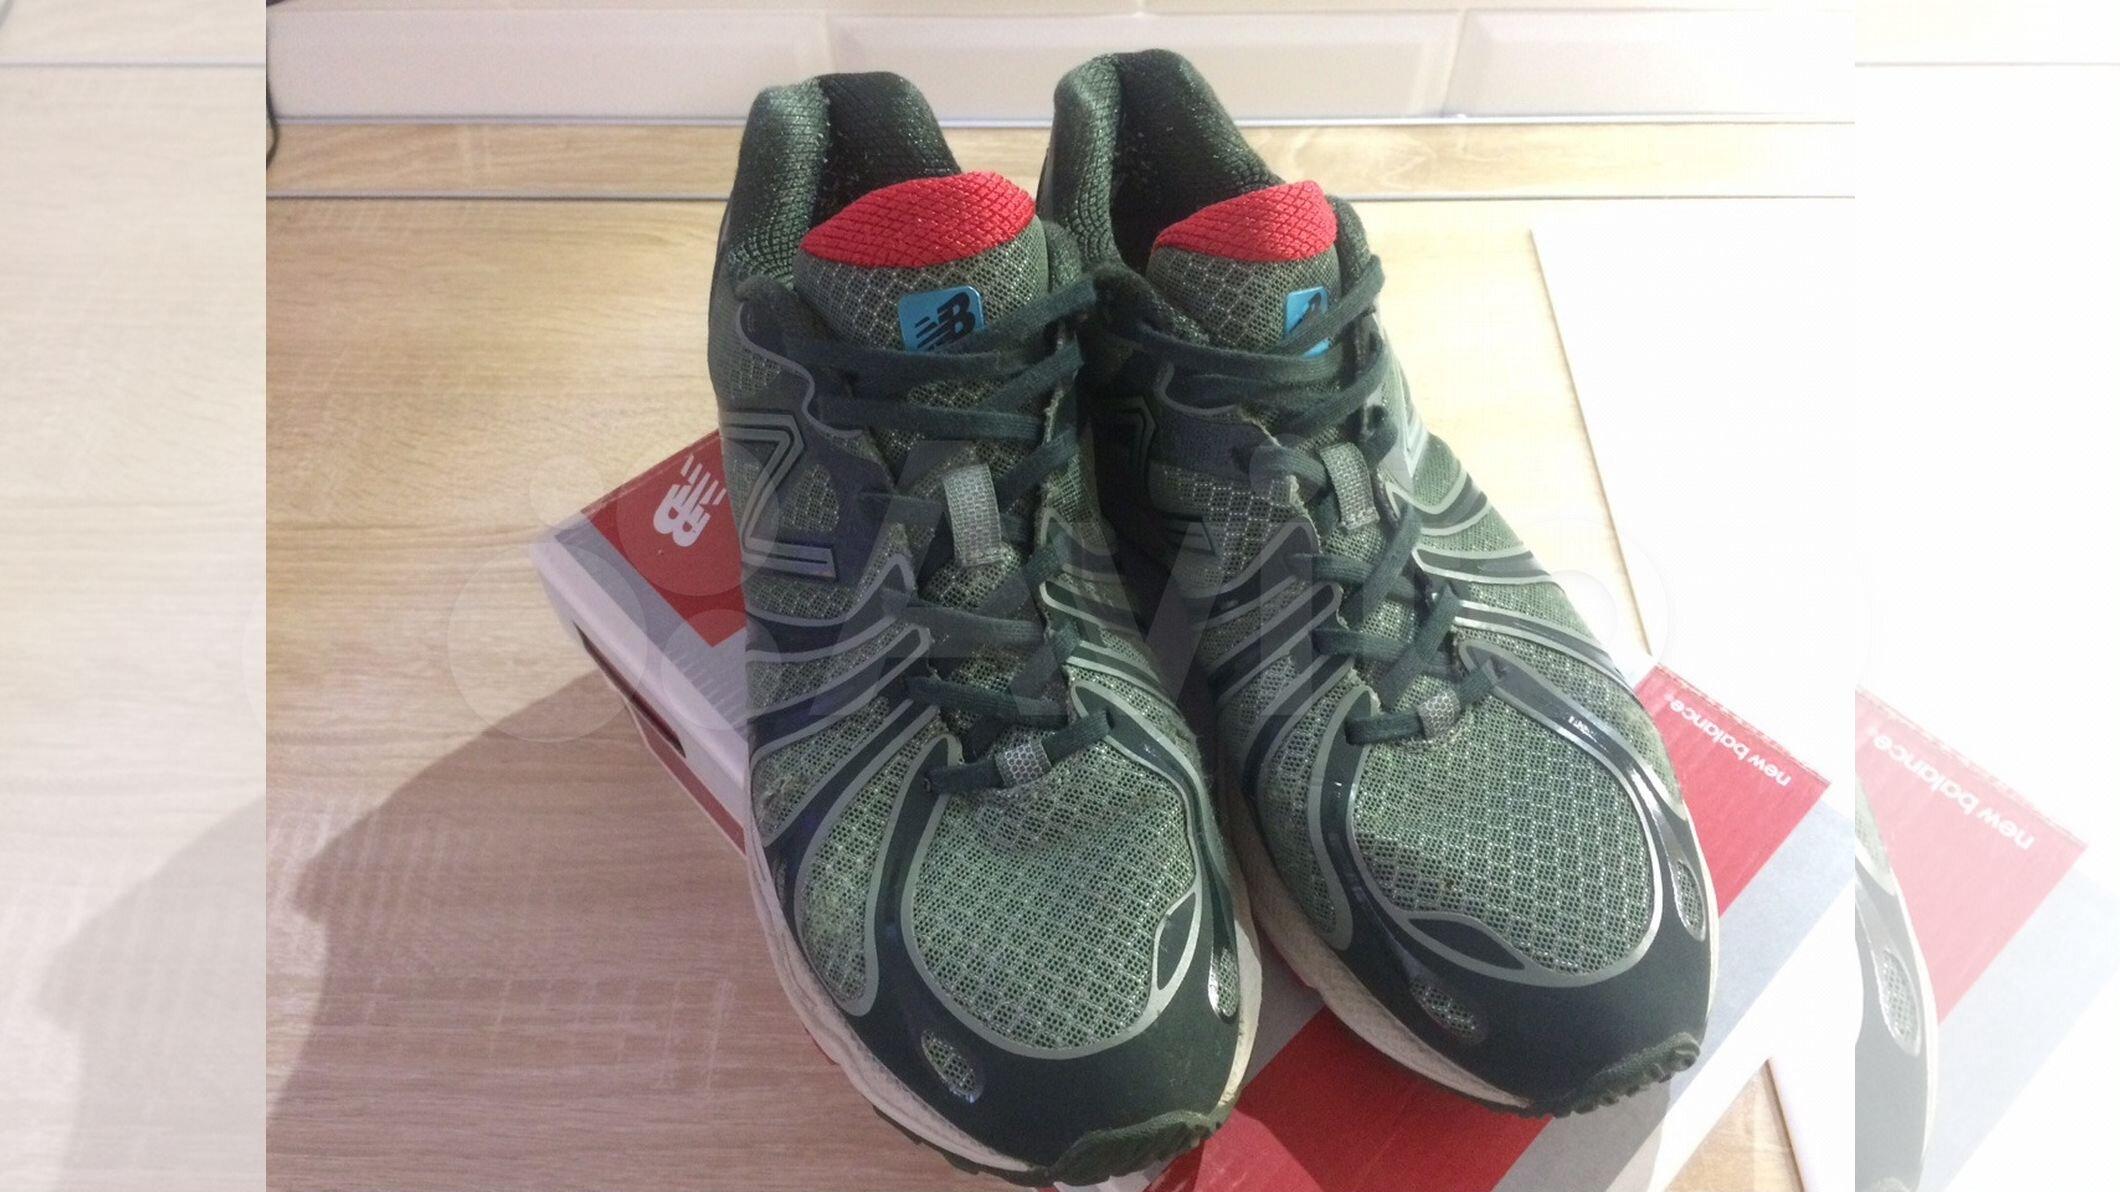 7fa06a27 Беговые кроссовки New Balance 890 купить в Санкт-Петербурге на Avito —  Объявления на сайте Авито